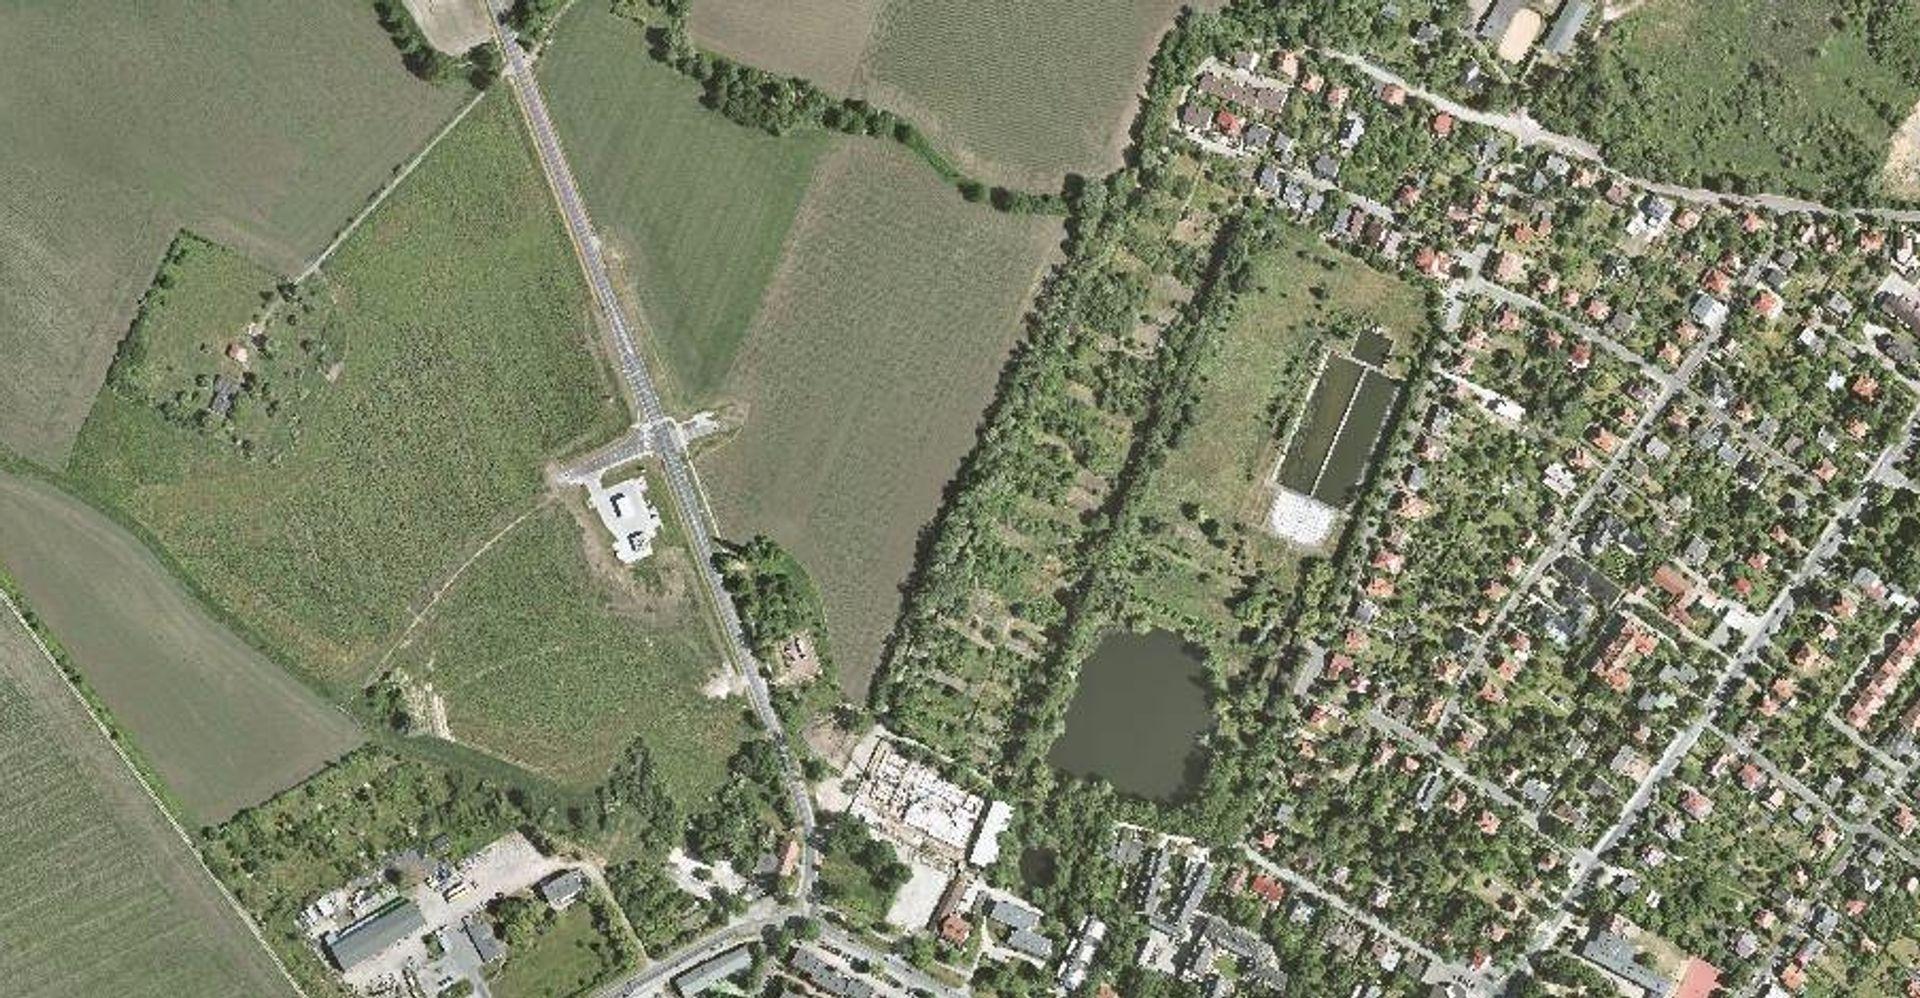 [Wrocław] Trzy etapy i prawie 270 mieszkań. Startuje nowa inwestycja na Oporowie